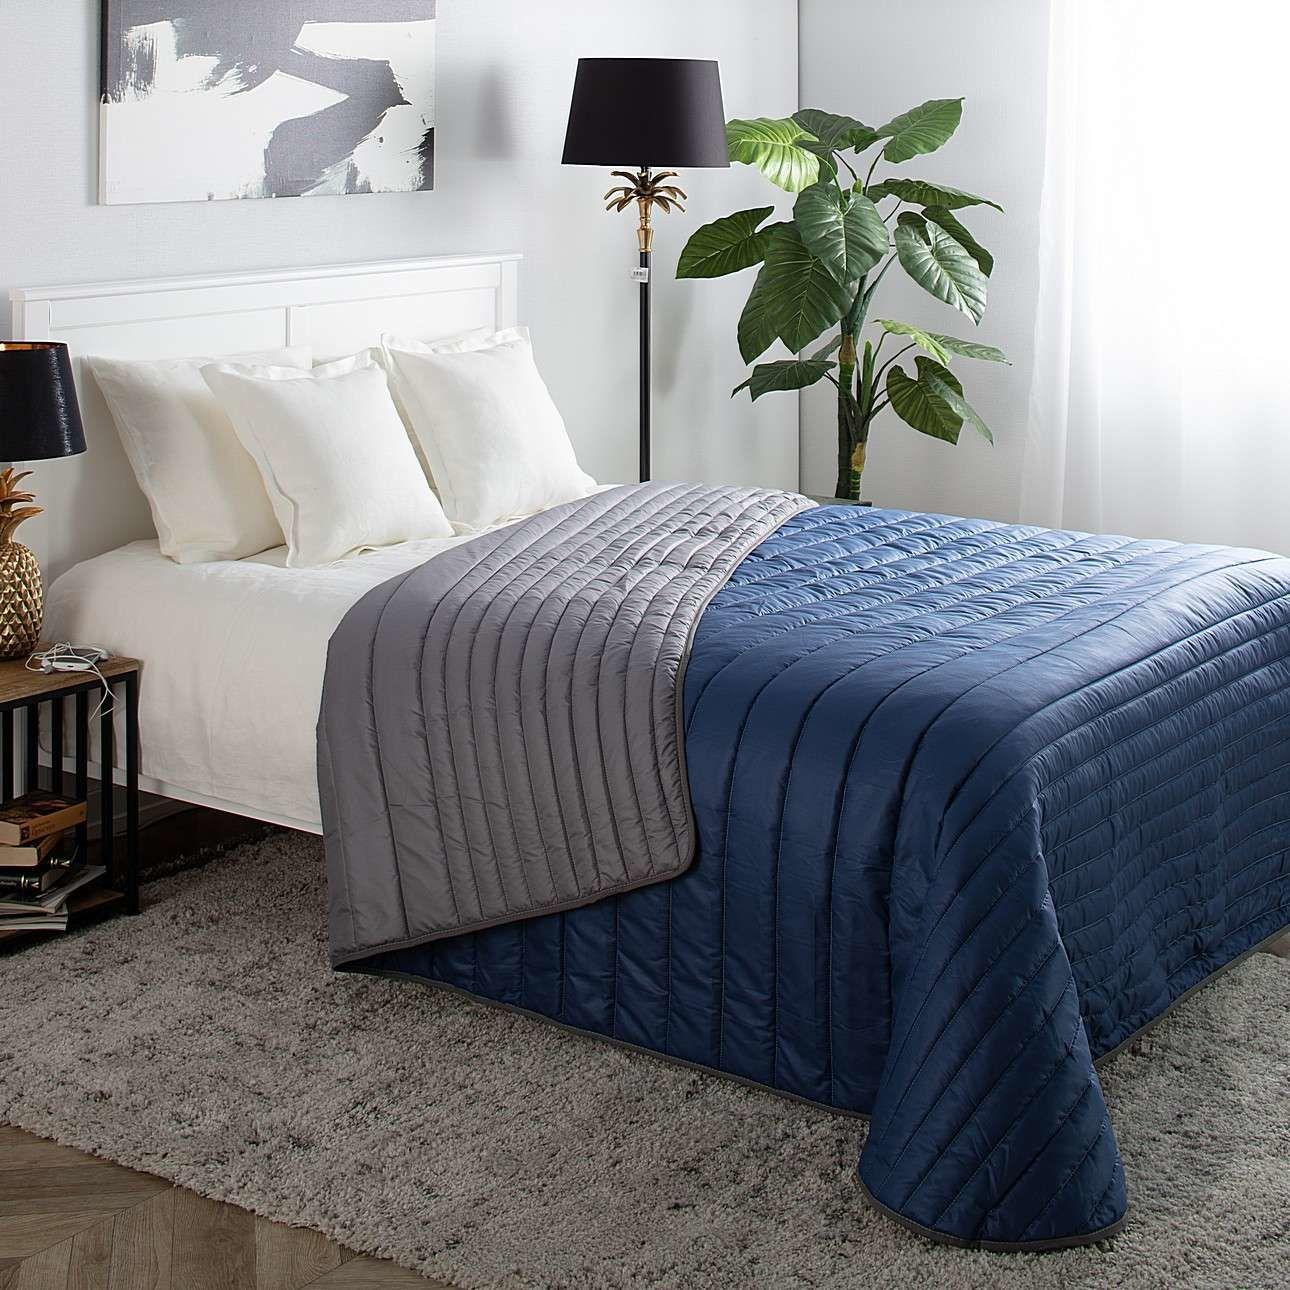 Narzuta pikowana Soft Touch 220x240cm Blue, 220 x 240 cm